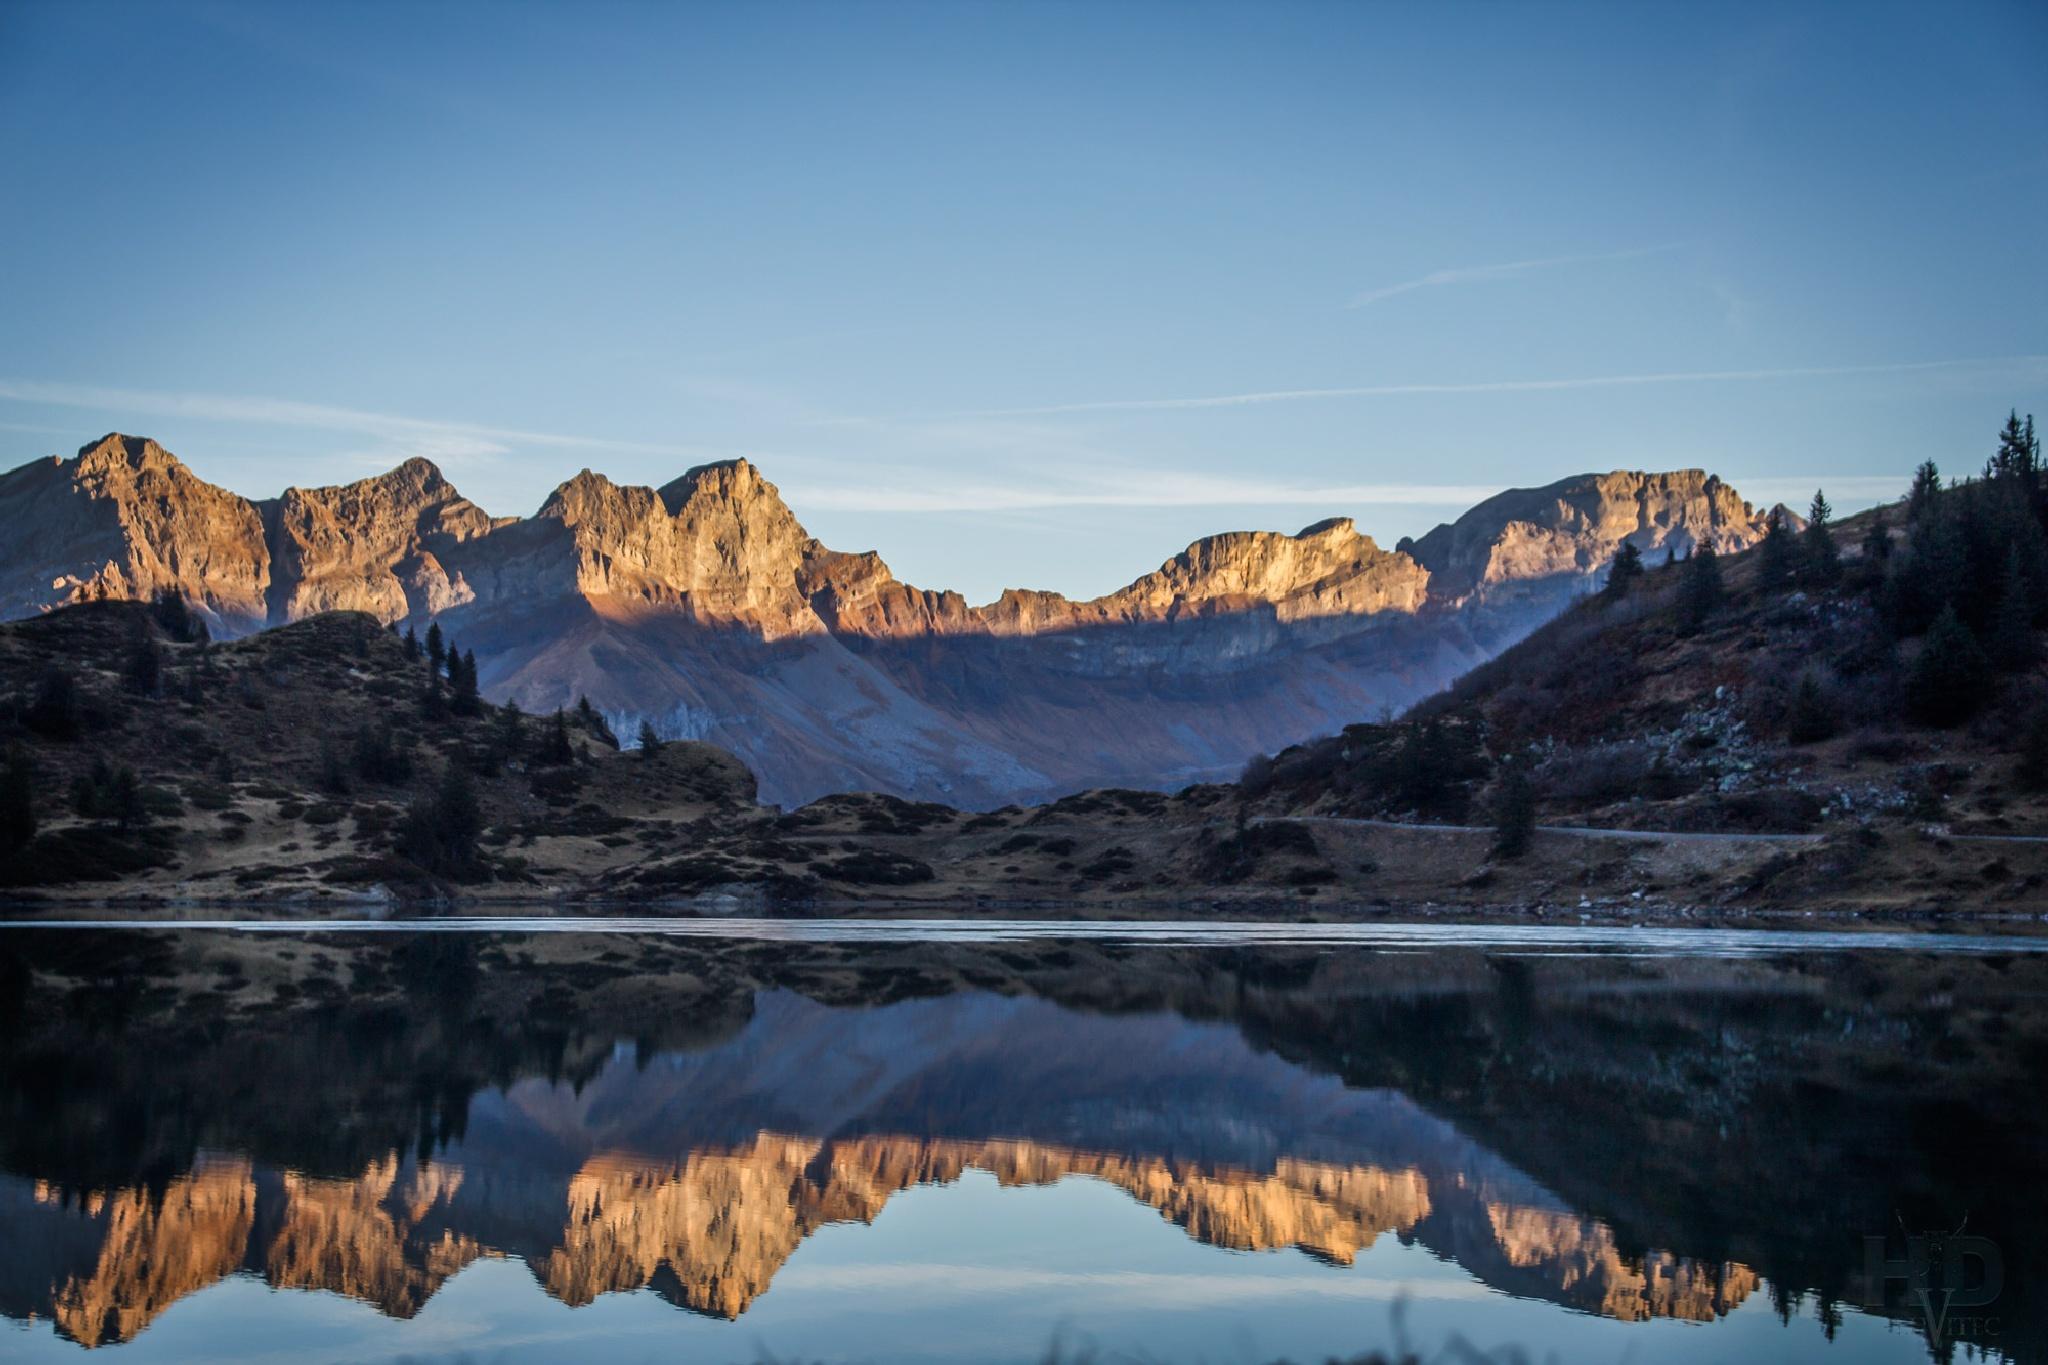 Berge erwachen im Sonnenlicht by dhabluetzel